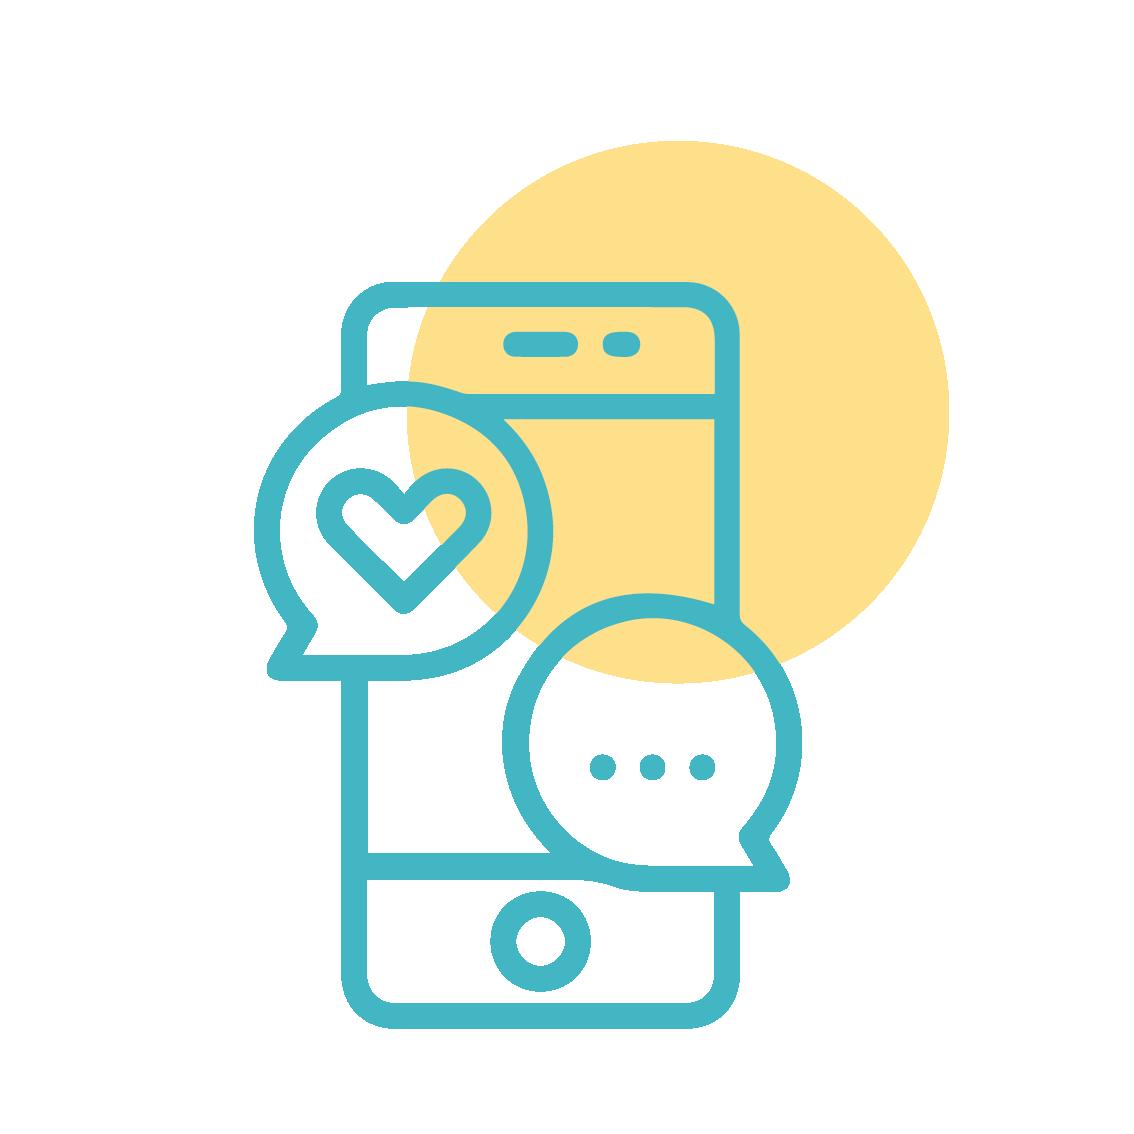 Social Media Icon illustration